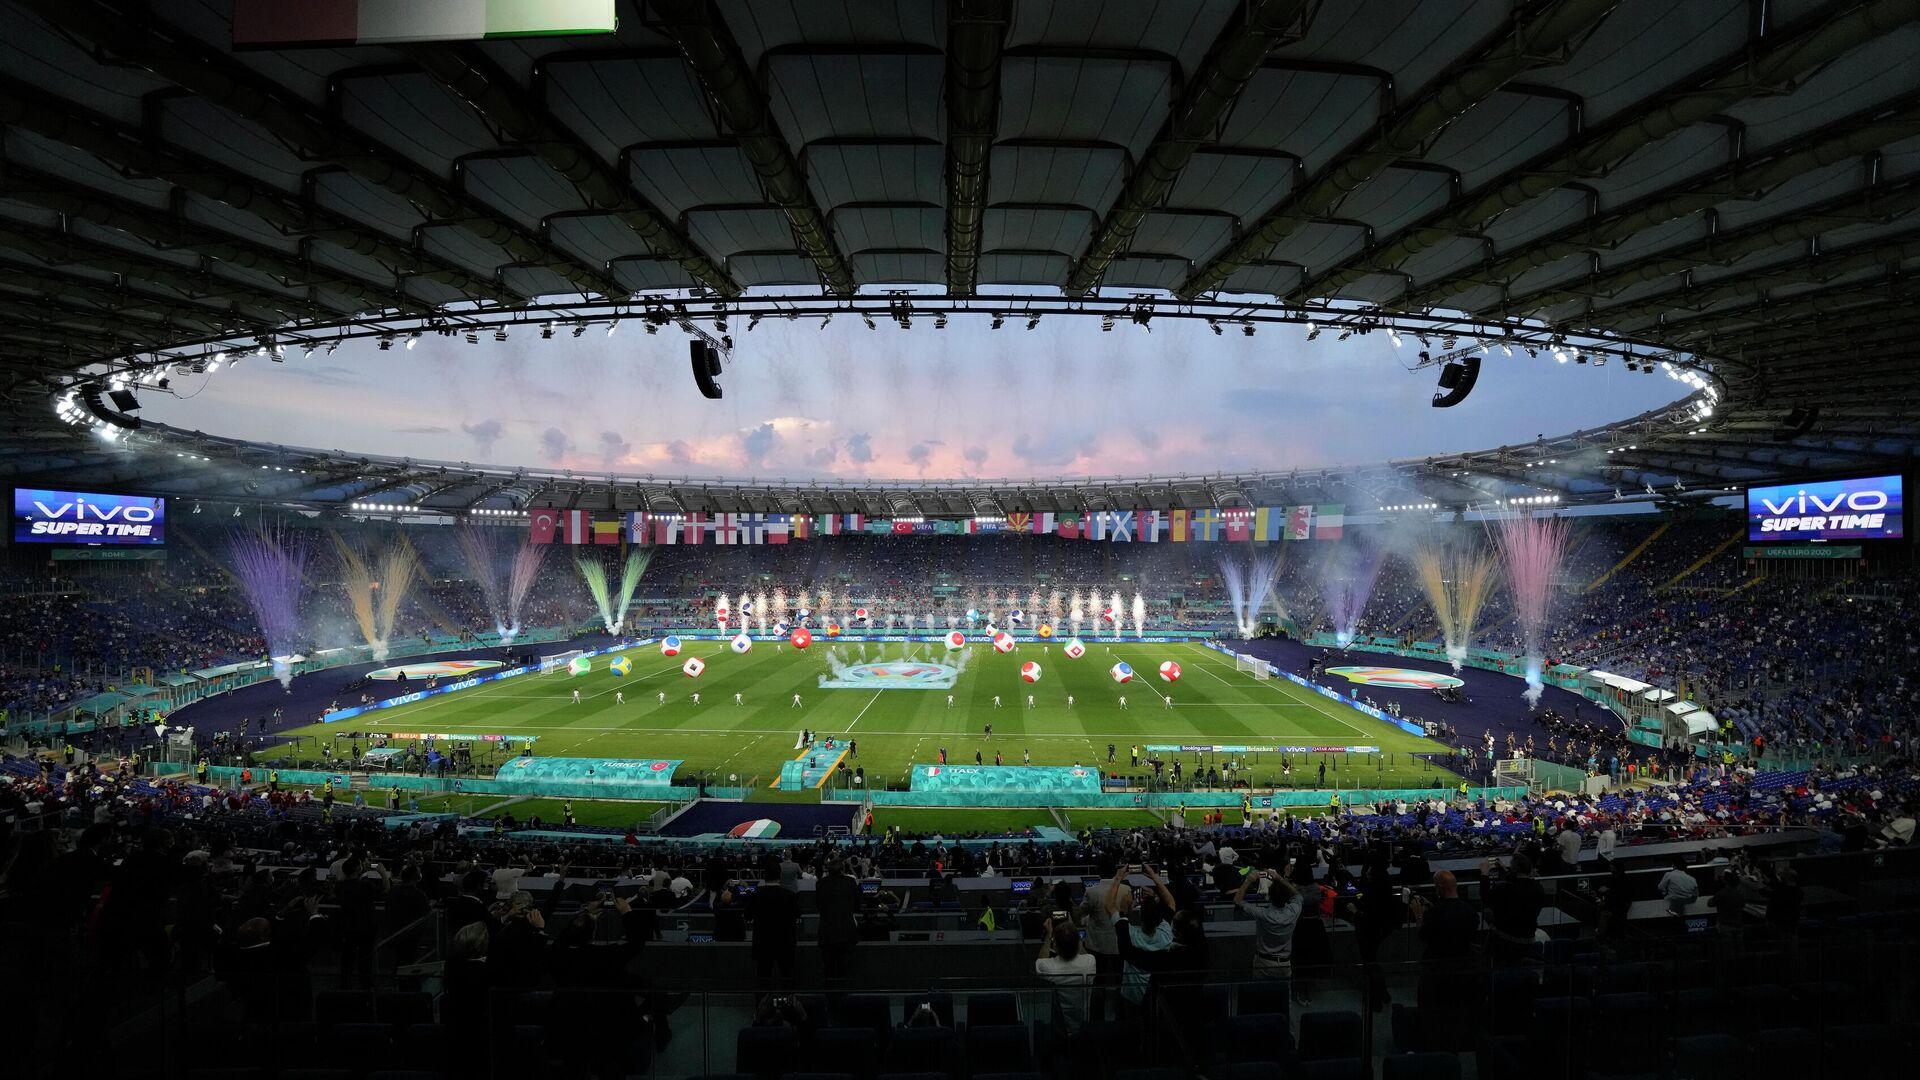 Церемония открытия ЕВРО-2020 - РИА Новости, 1920, 11.06.2021